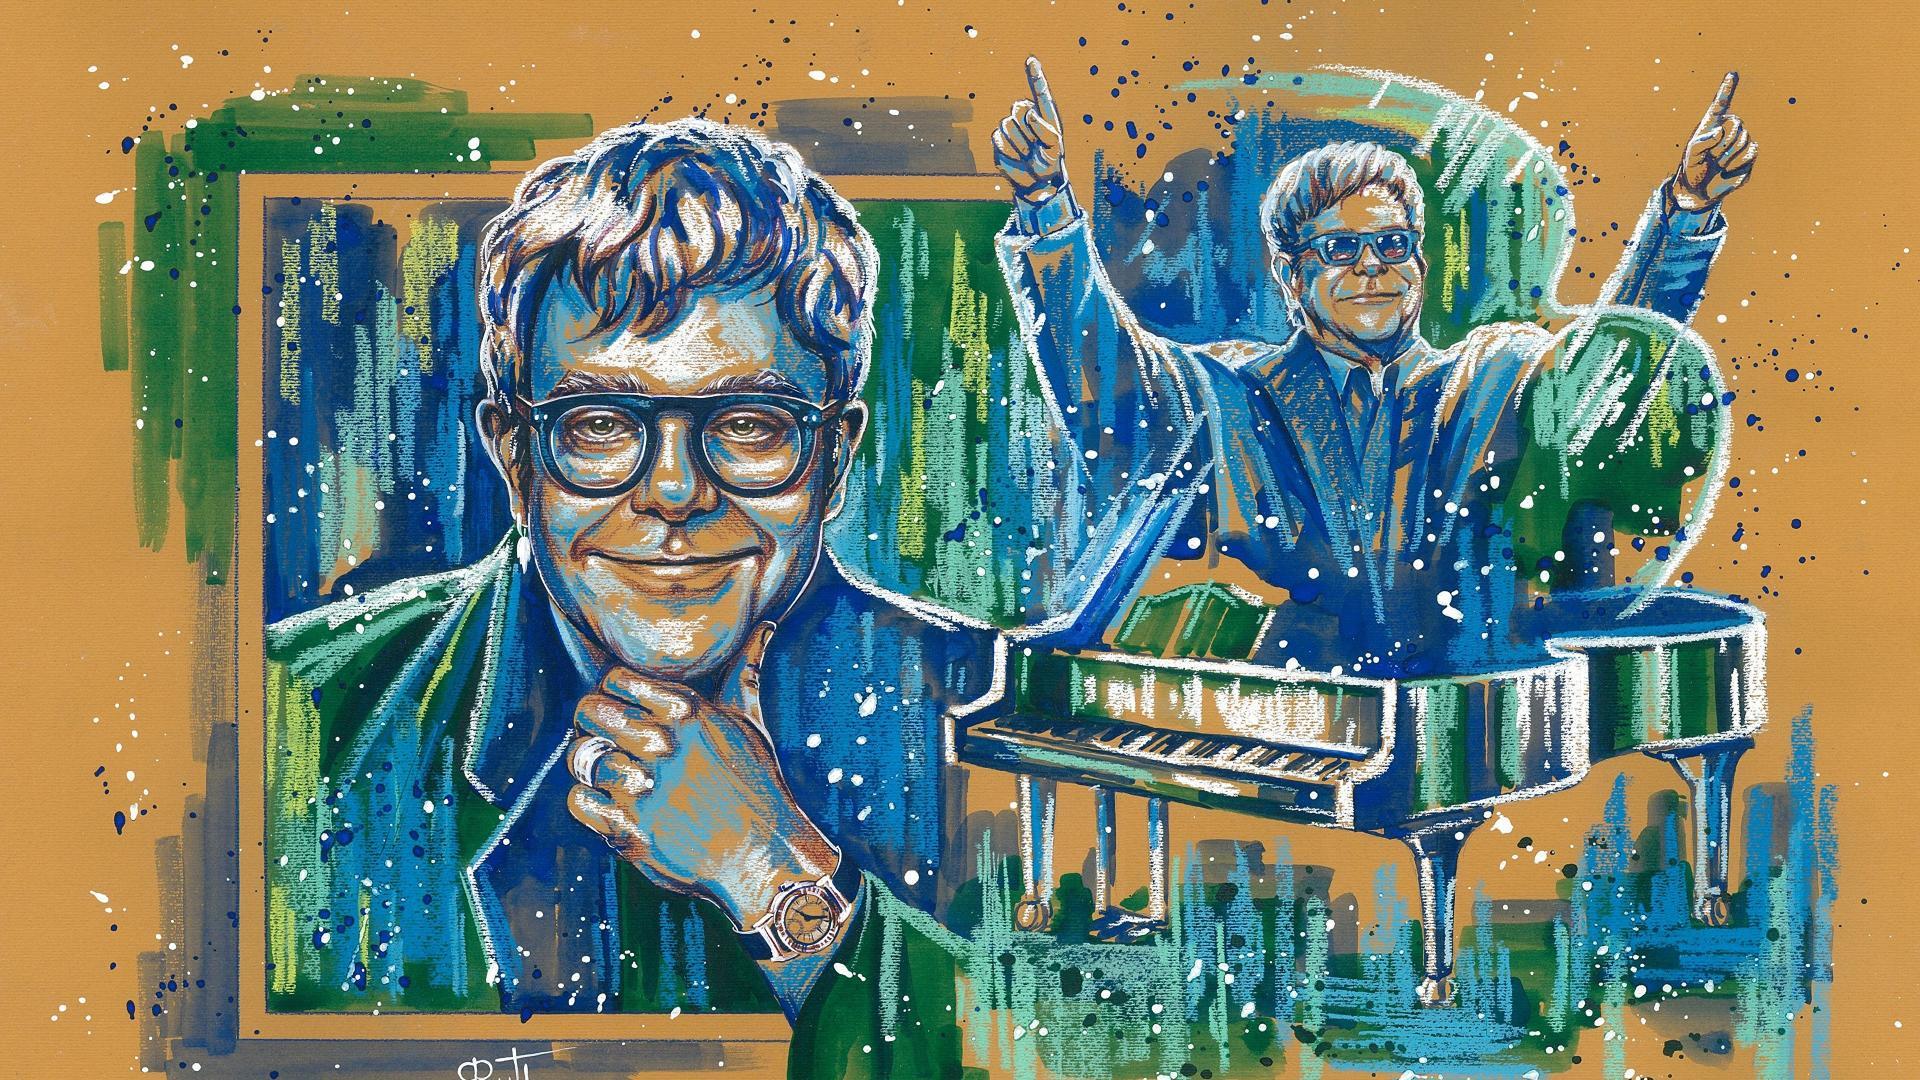 Elton John Wallpaper 14   3840 X 2400 stmednet 1920x1080